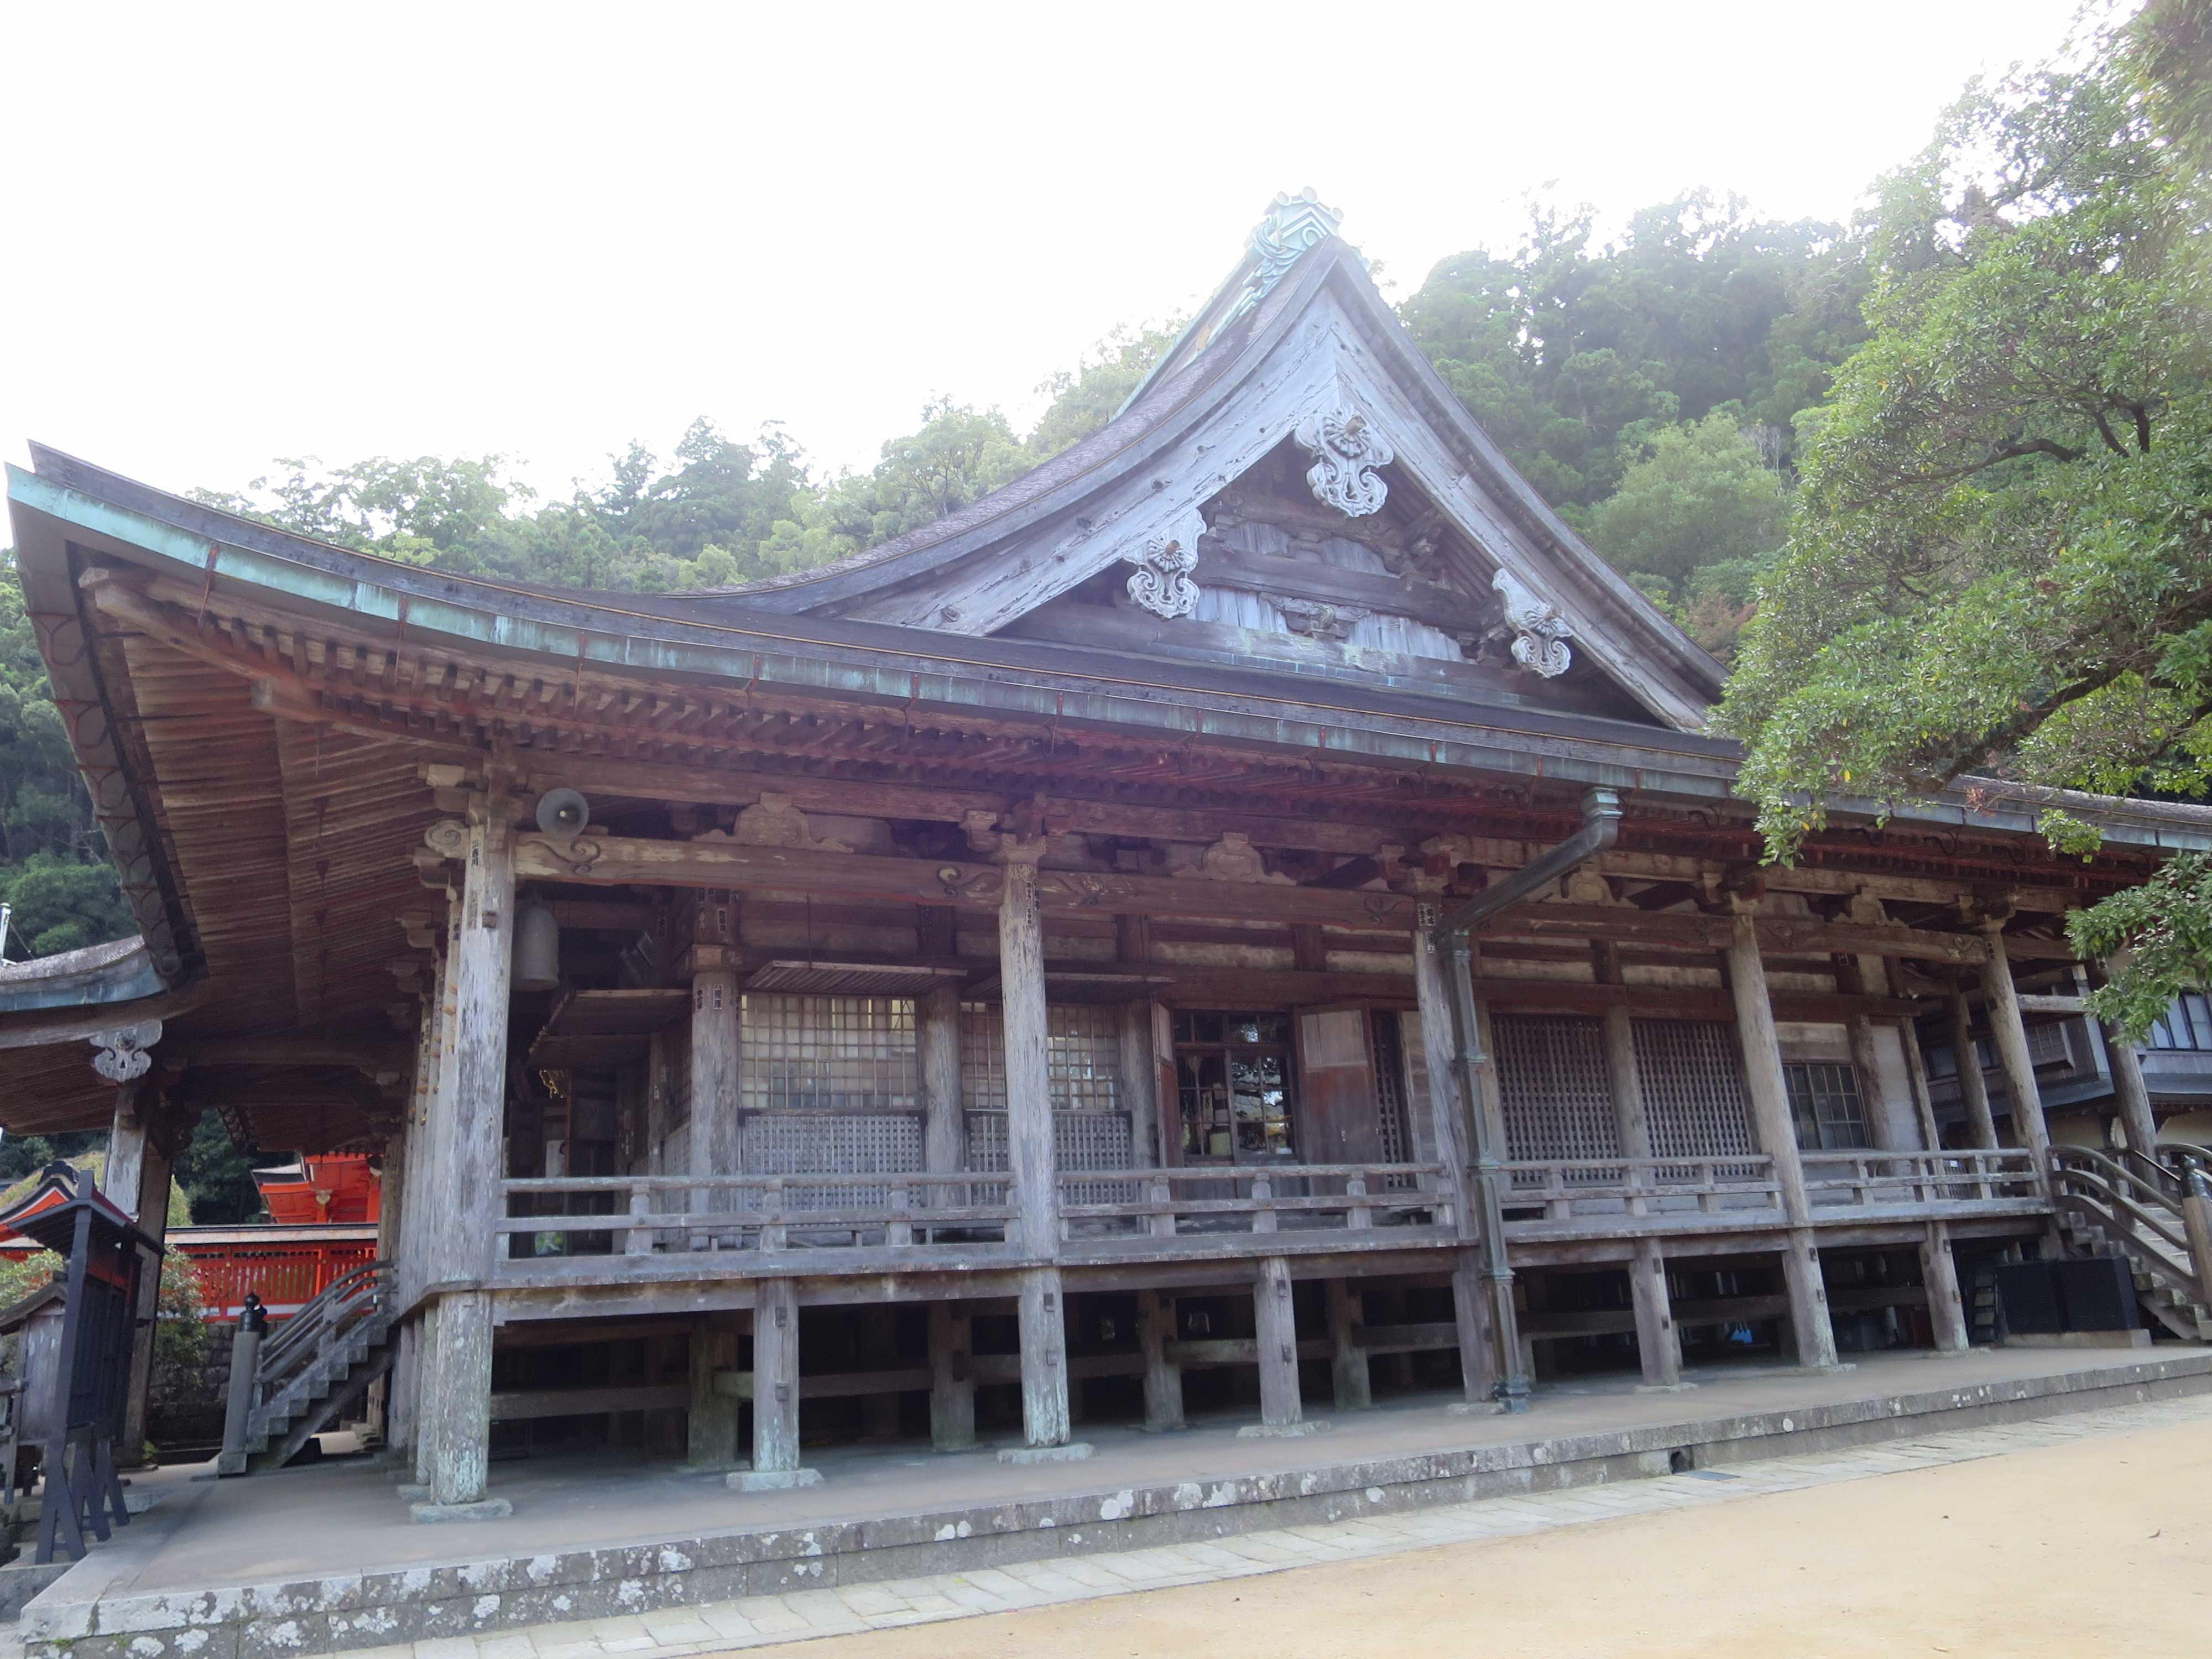 青岸渡寺は古くは那智山の「如意輪堂」として熊野那智大社と一体でした。